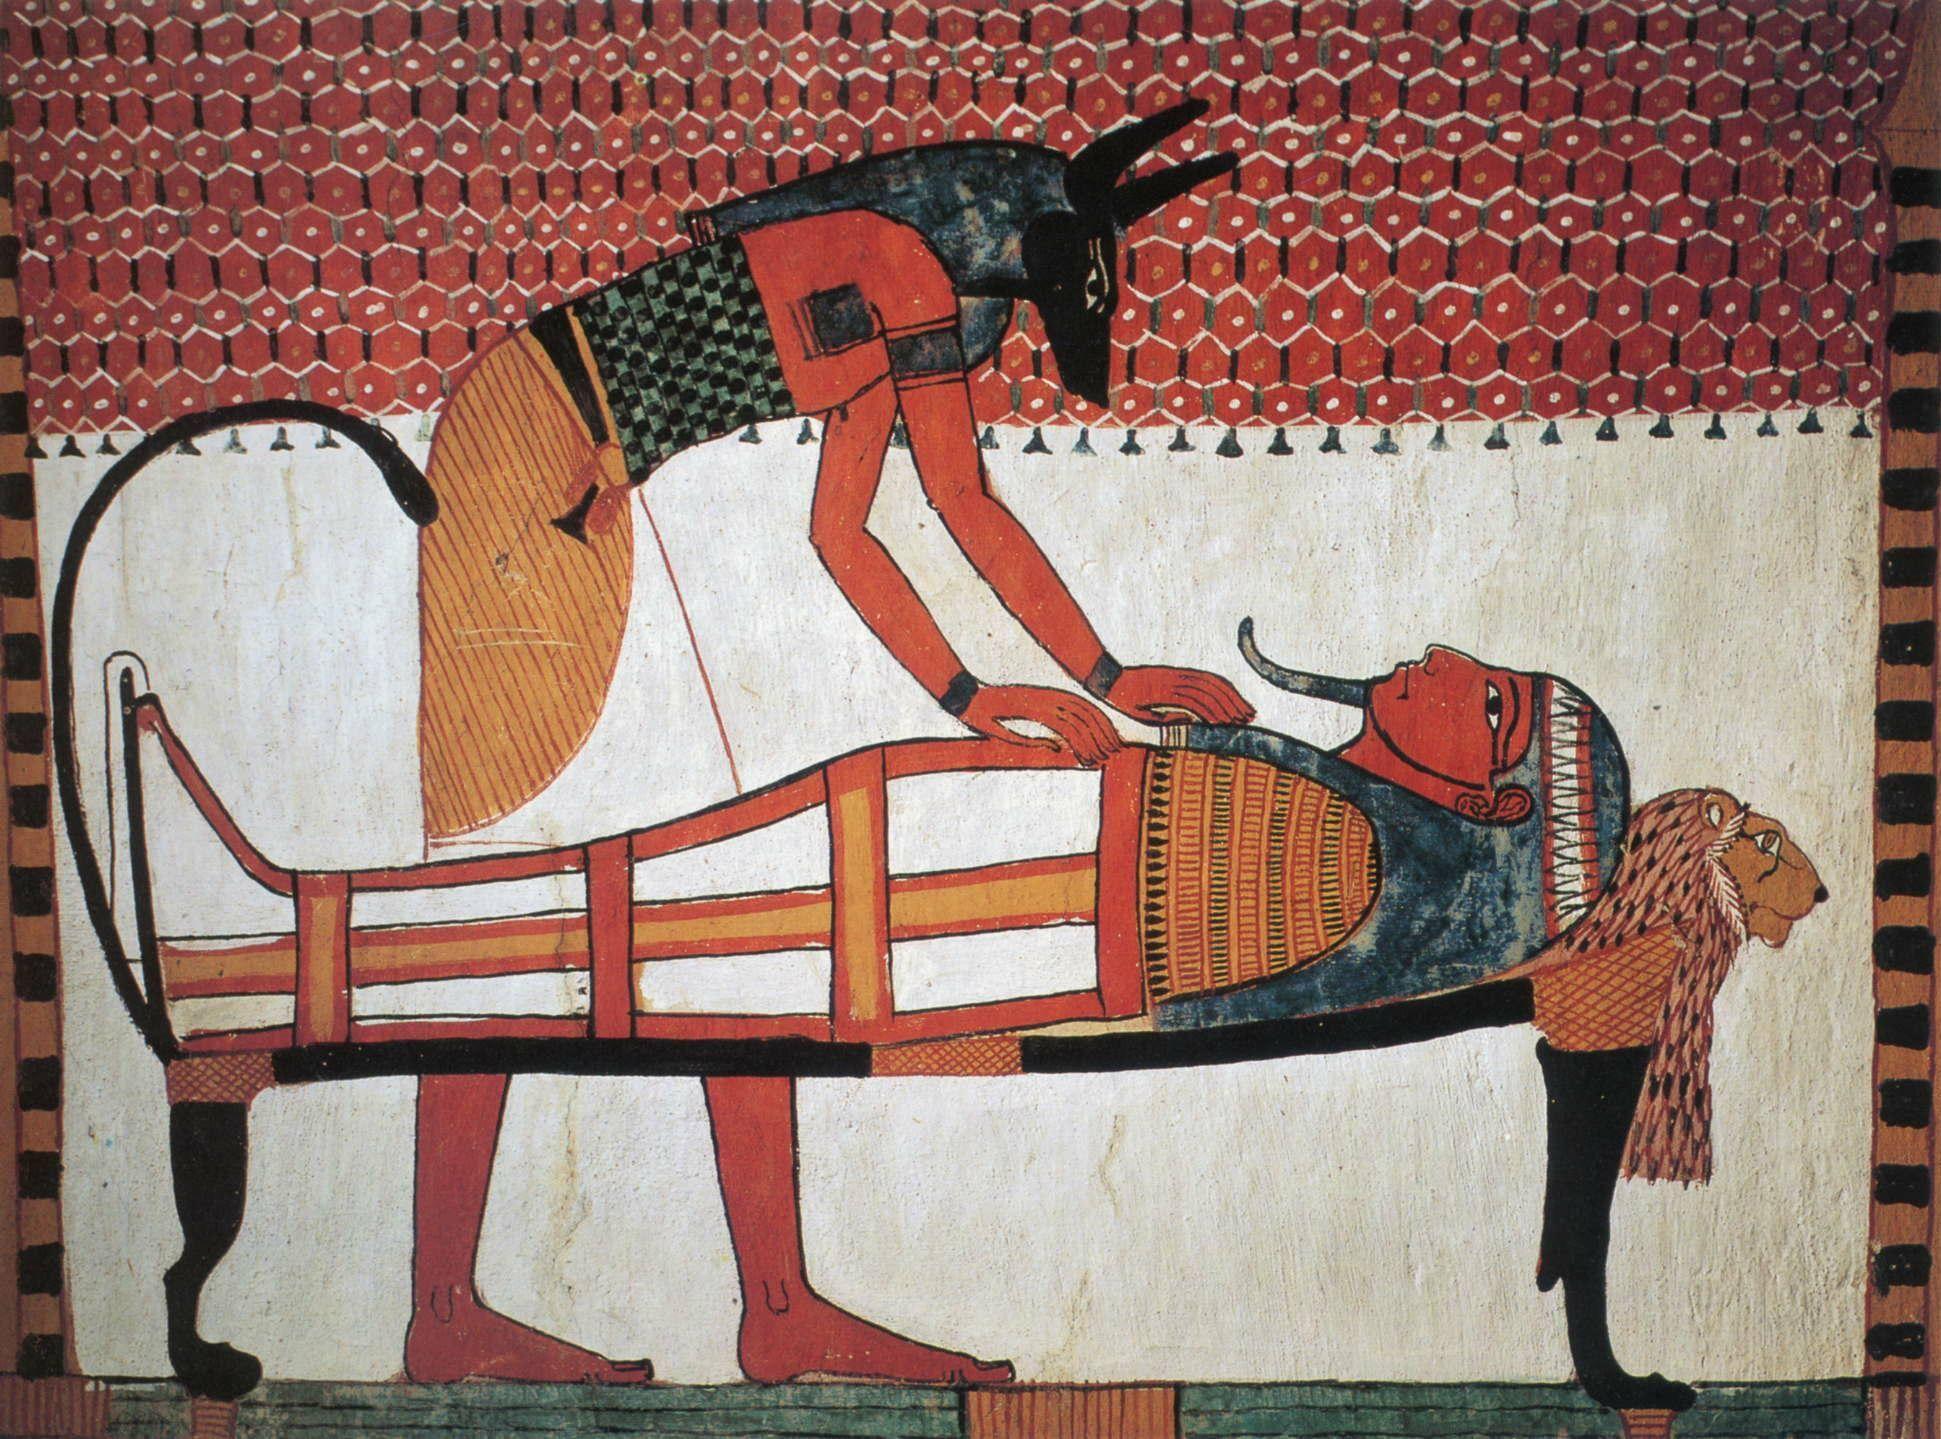 ANÚBIS, O CHACAL - Animal que tem o hábito de desenterrar ossos, de forma paradoxal representava para os egípcios o deus Anúbis, justamente a divindade considerada a guardiã fiel dos túmulos e patrono do embalsamamento. Sua principal função era de preparar a múmia para a viagem ao submundo. Dizia-se que estava destinado a proteger os deuses, assim como os cães protegem os homens - Tumba em Deir el Medina, Luxor -Tebas (c. 1400 - 1350 a.C.)